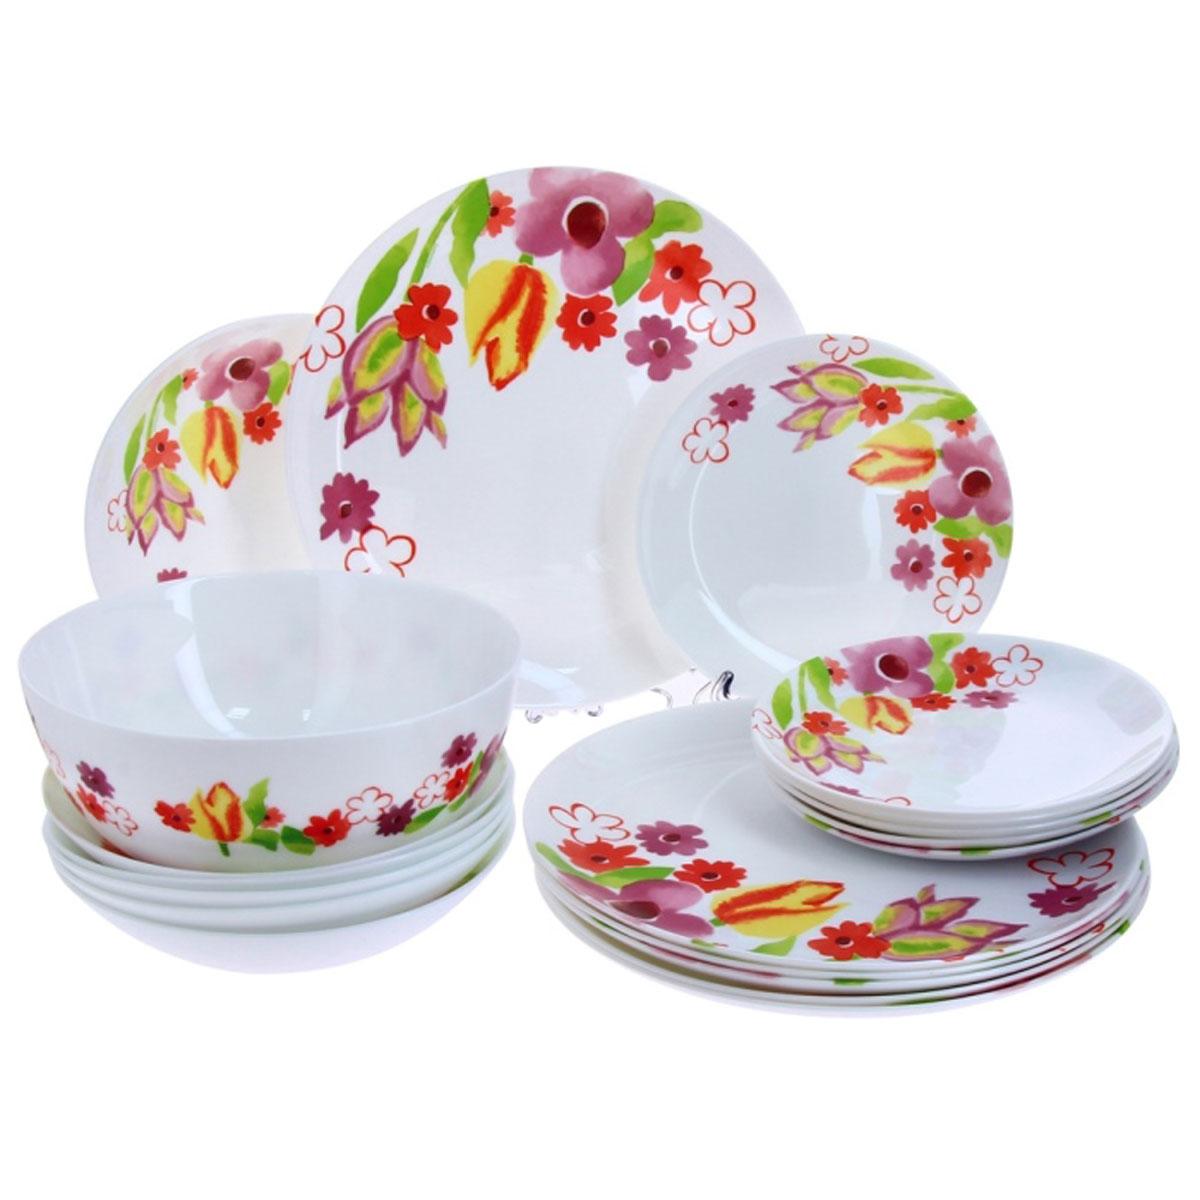 Набор столовой посуды Luminarc Dacha, 19 предметовH8735Набор Luminarc Dacha состоит из 6 суповых тарелок, 6 обеденных тарелок, 6 десертных тарелок и глубокого салатника. Изделия выполнены из ударопрочного стекла, имеют яркий дизайн с изящным цветочным рисунком и классическую круглую форму. Посуда отличается прочностью, гигиеничностью и долгим сроком службы, она устойчива к появлению царапин и резким перепадам температур. Такой набор прекрасно подойдет как для повседневного использования, так и для праздников или особенных случаев. Набор столовой посуды Luminarc Dacha - это не только яркий и полезный подарок для родных и близких, а также великолепное дизайнерское решение для вашей кухни или столовой. Можно мыть в посудомоечной машине и использовать в микроволновой печи. Диаметр суповой тарелки: 20 см. Высота суповой тарелки: 4.5 см.Диаметр обеденной тарелки: 27 см. Высота обеденной тарелки: 2 см. Диаметр десертной тарелки: 19 см. Высота десертной тарелки: 2 см. Диаметр салатника: 21 см. Высота стенки салатника: 9,5 см.